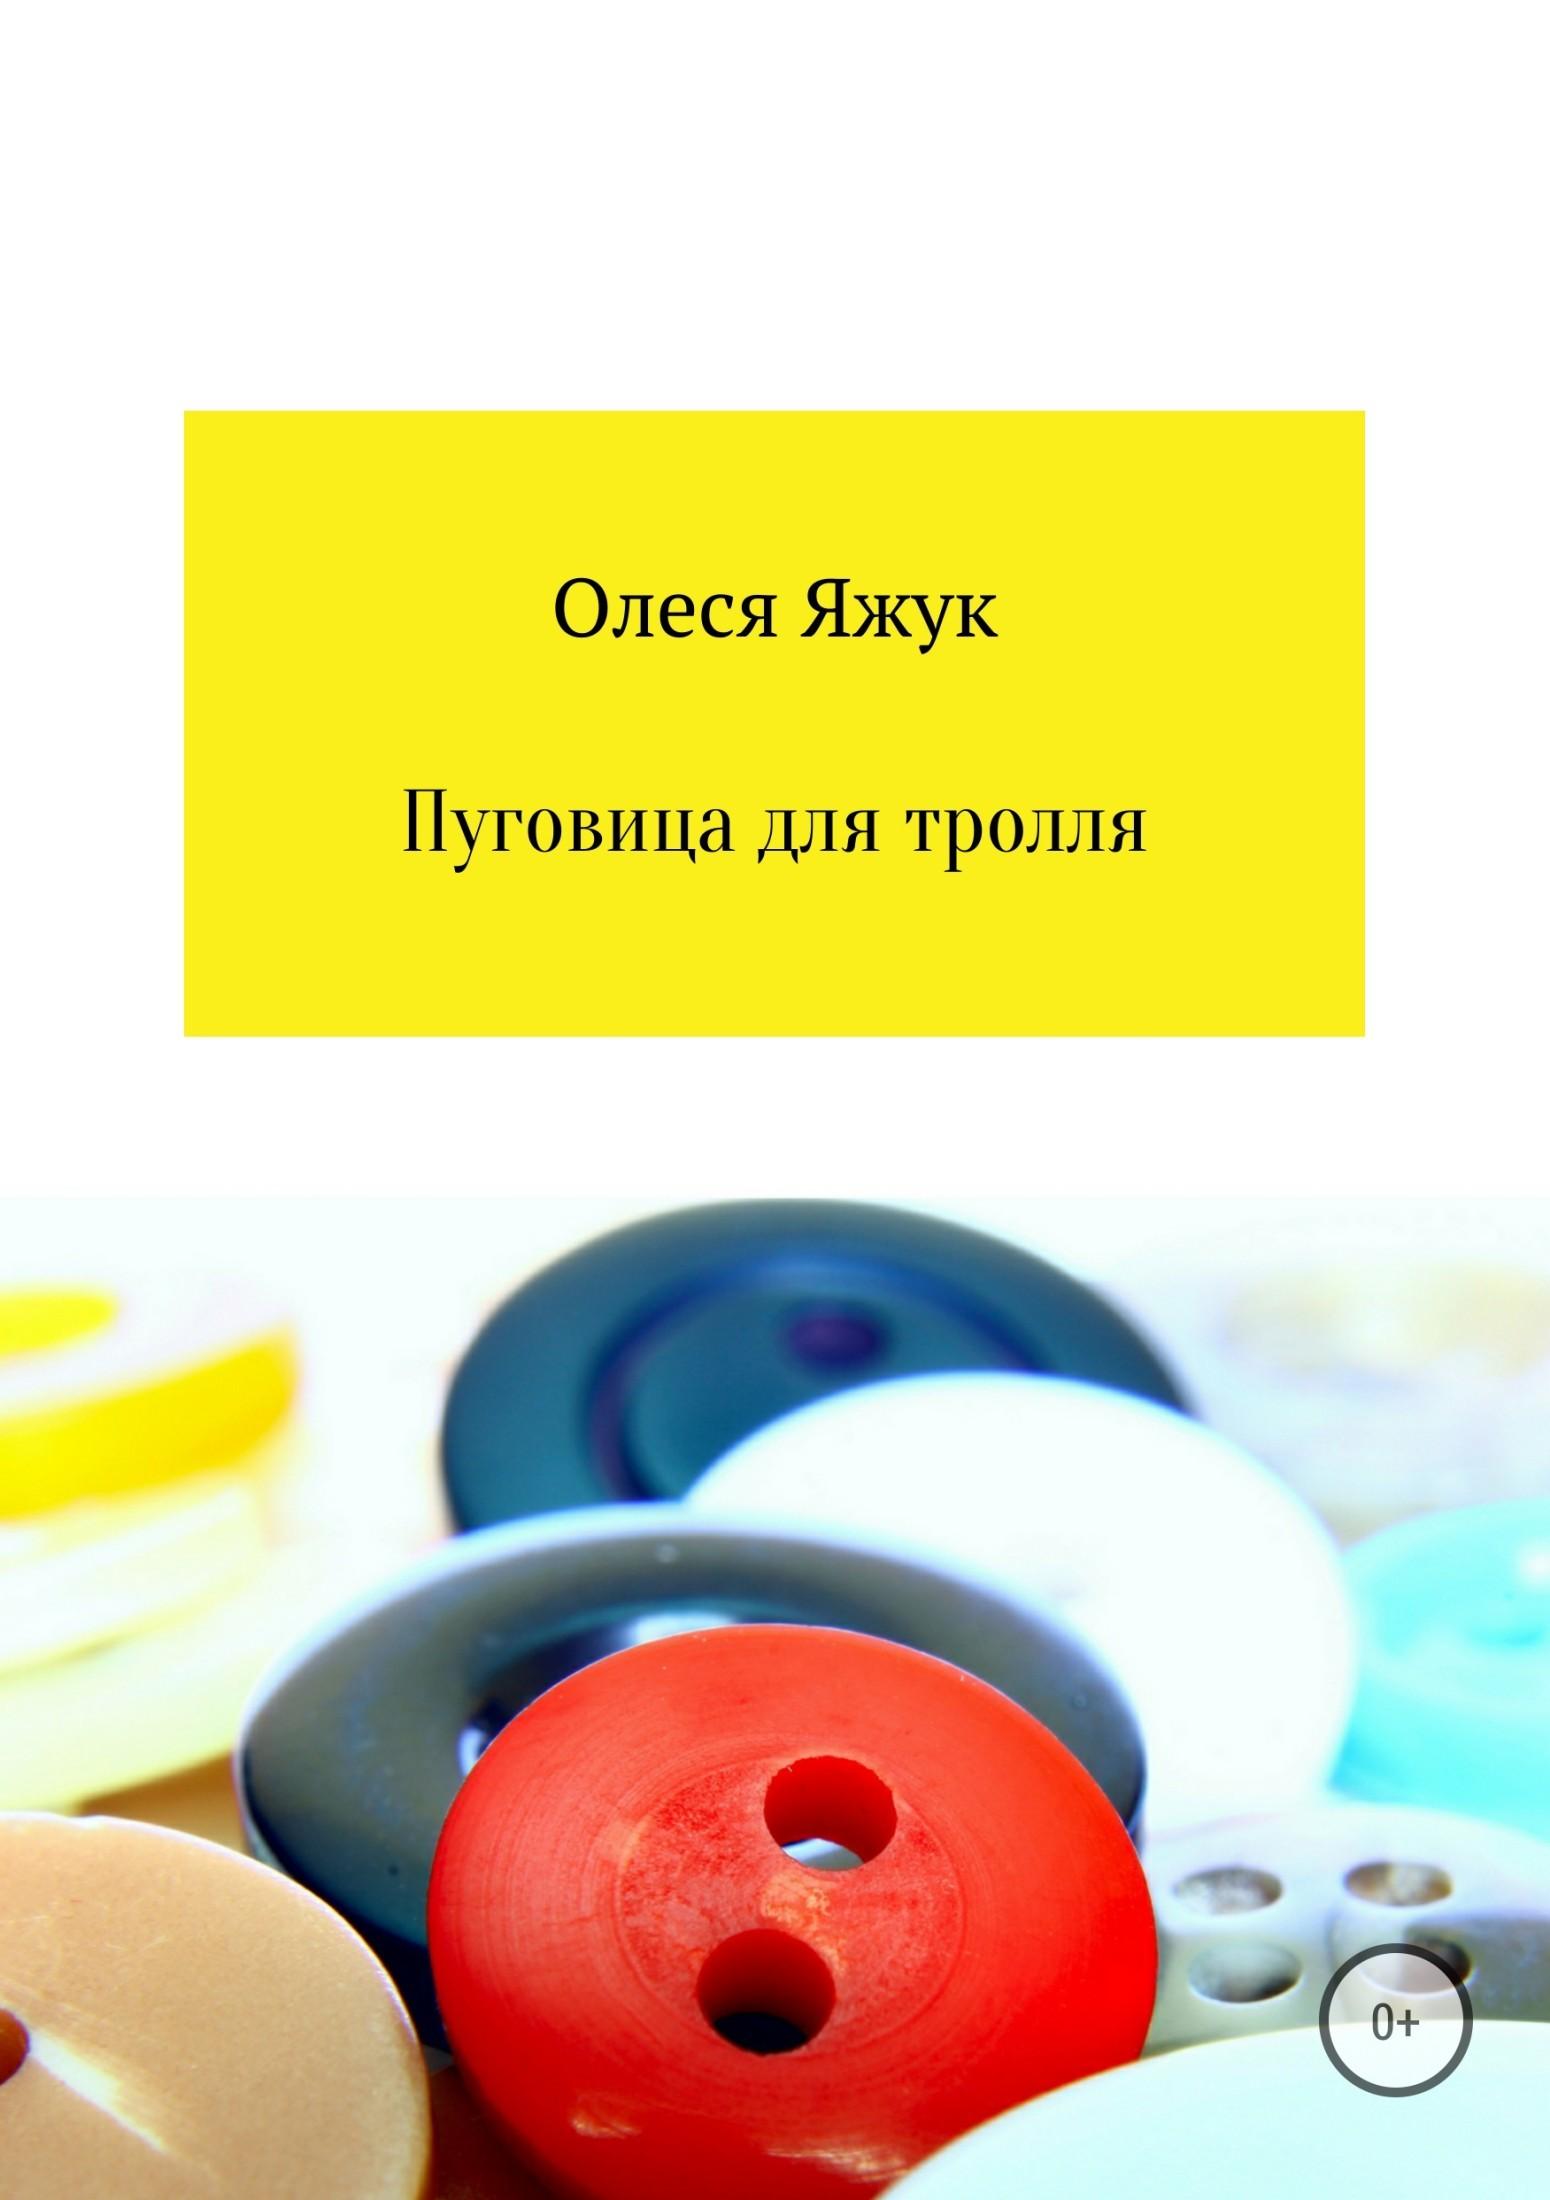 Олеся Константиновна Яжук бесплатно